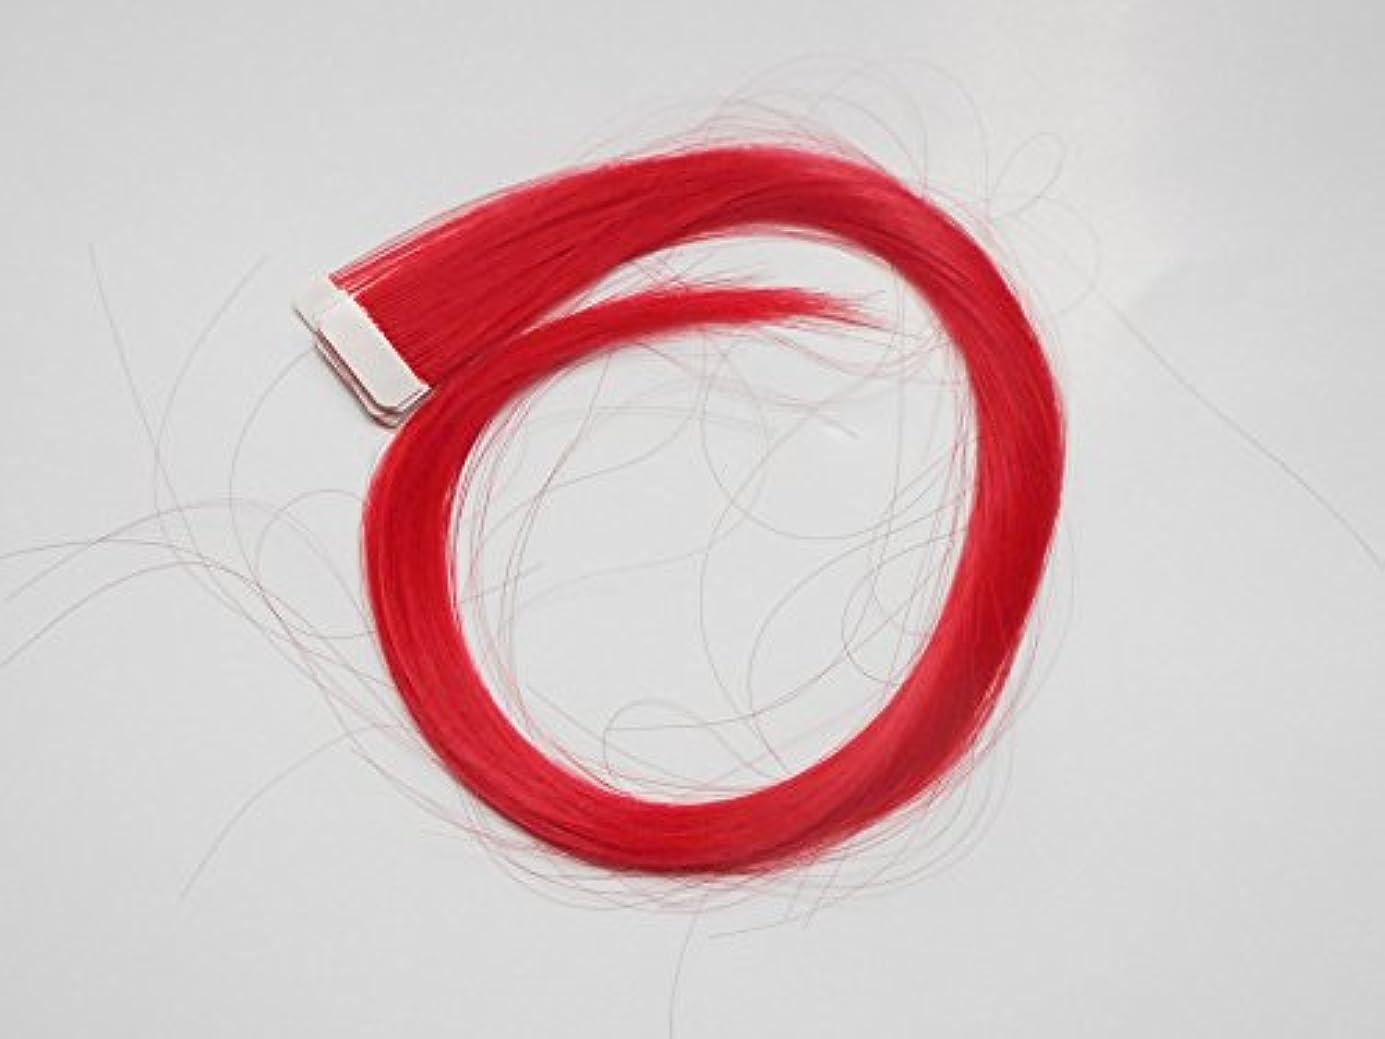 美容師開梱ポンド簡単エクステ テープエクステンション シールエクステンション 10枚入 10色カラー (レッド)